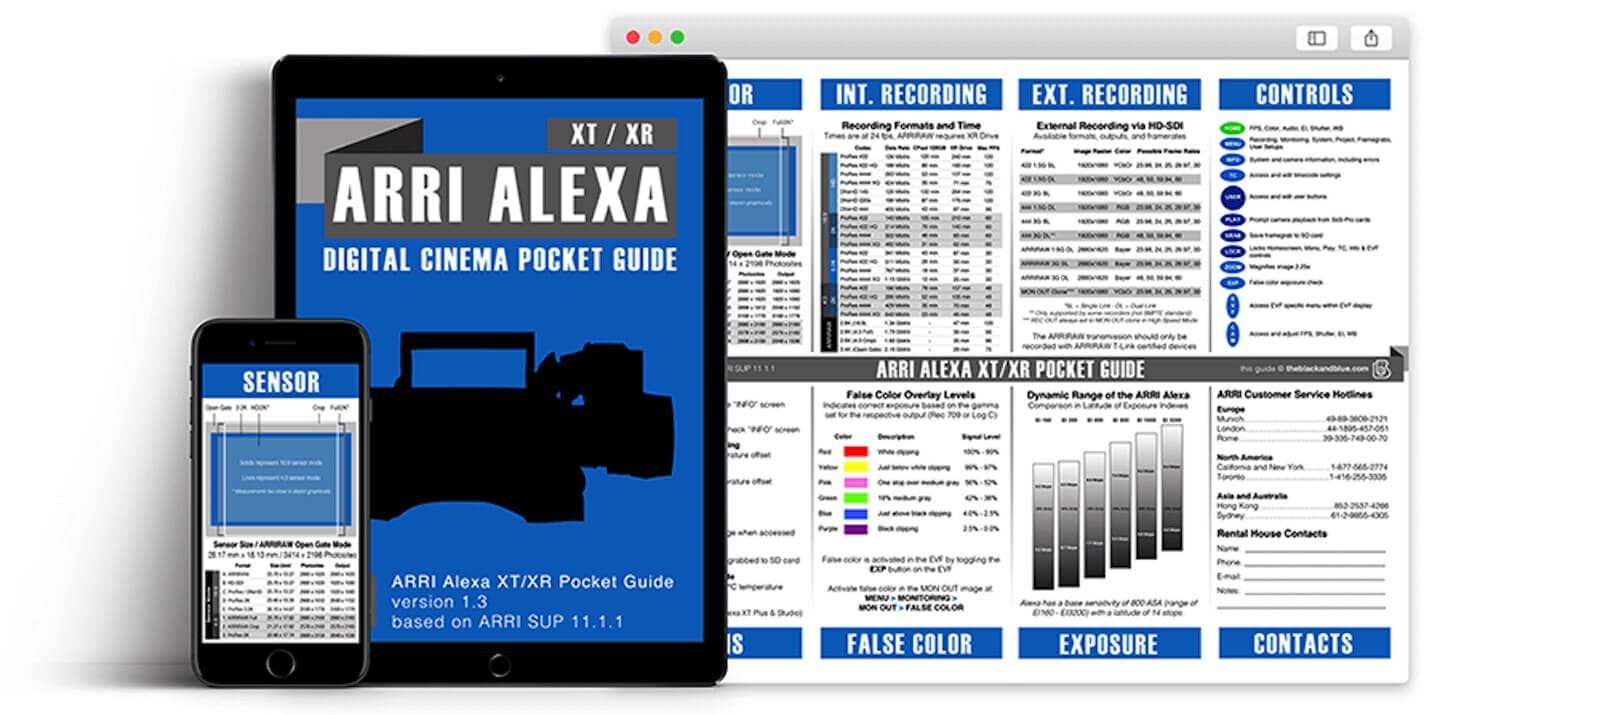 Best Filmmaker Softwares and Tools Best Filmmaker Apps Digital Cinema Pocket Guides StudioBinder